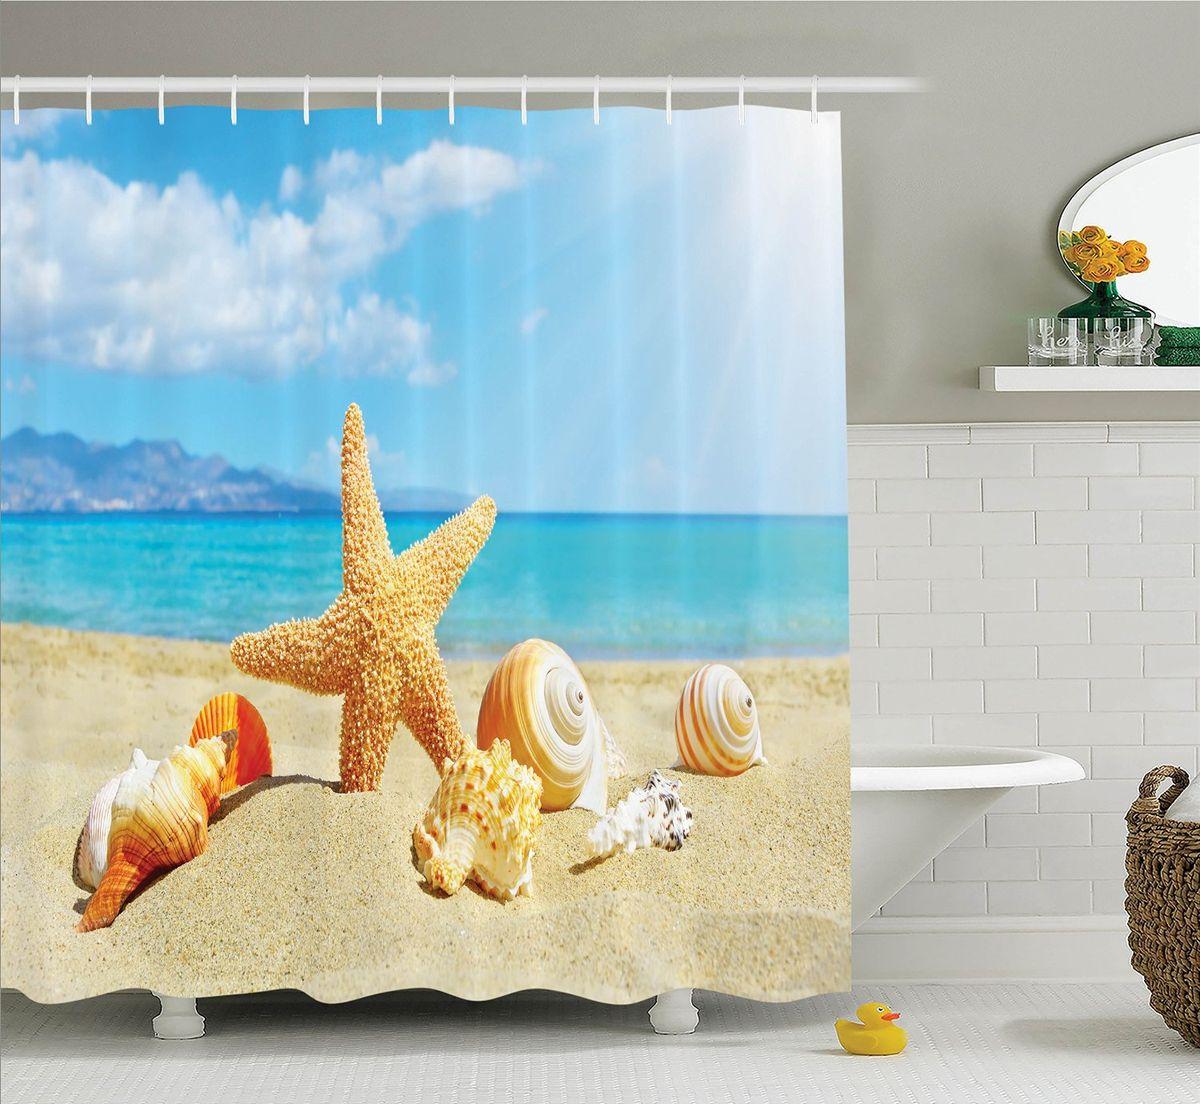 Штора для ванной комнаты Magic Lady Ракушки на пляже, 180 х 200 см74-0130Компания Сэмболь изготавливает шторы из высококачественного сатена (полиэстер 100%). При изготовлении используются специальные гипоаллергенные чернила для прямой печати по ткани, безопасные для человека и животных. Экологичность продукции Magic lady и безопасность для окружающей среды подтверждены сертификатом Oeko-Tex Standard 100. Крепление: крючки (12 шт.). Внимание! При нанесении сублимационной печати на ткань технологическим методом при температуре 240 С, возможно отклонение полученных размеров, указанных на этикетке и сайте, от стандартных на + - 3-5 см. Мы стараемся максимально точно передать цвета изделия на наших фотографиях, однако искажения неизбежны и фактический цвет изделия может отличаться от воспринимаемого по фото. Обратите внимание! Шторы изготовлены из полиэстра сатенового переплетения, а не из сатина (хлопок). Размер шторы 180*200 см. В комплекте 1 штора и 12 крючков.